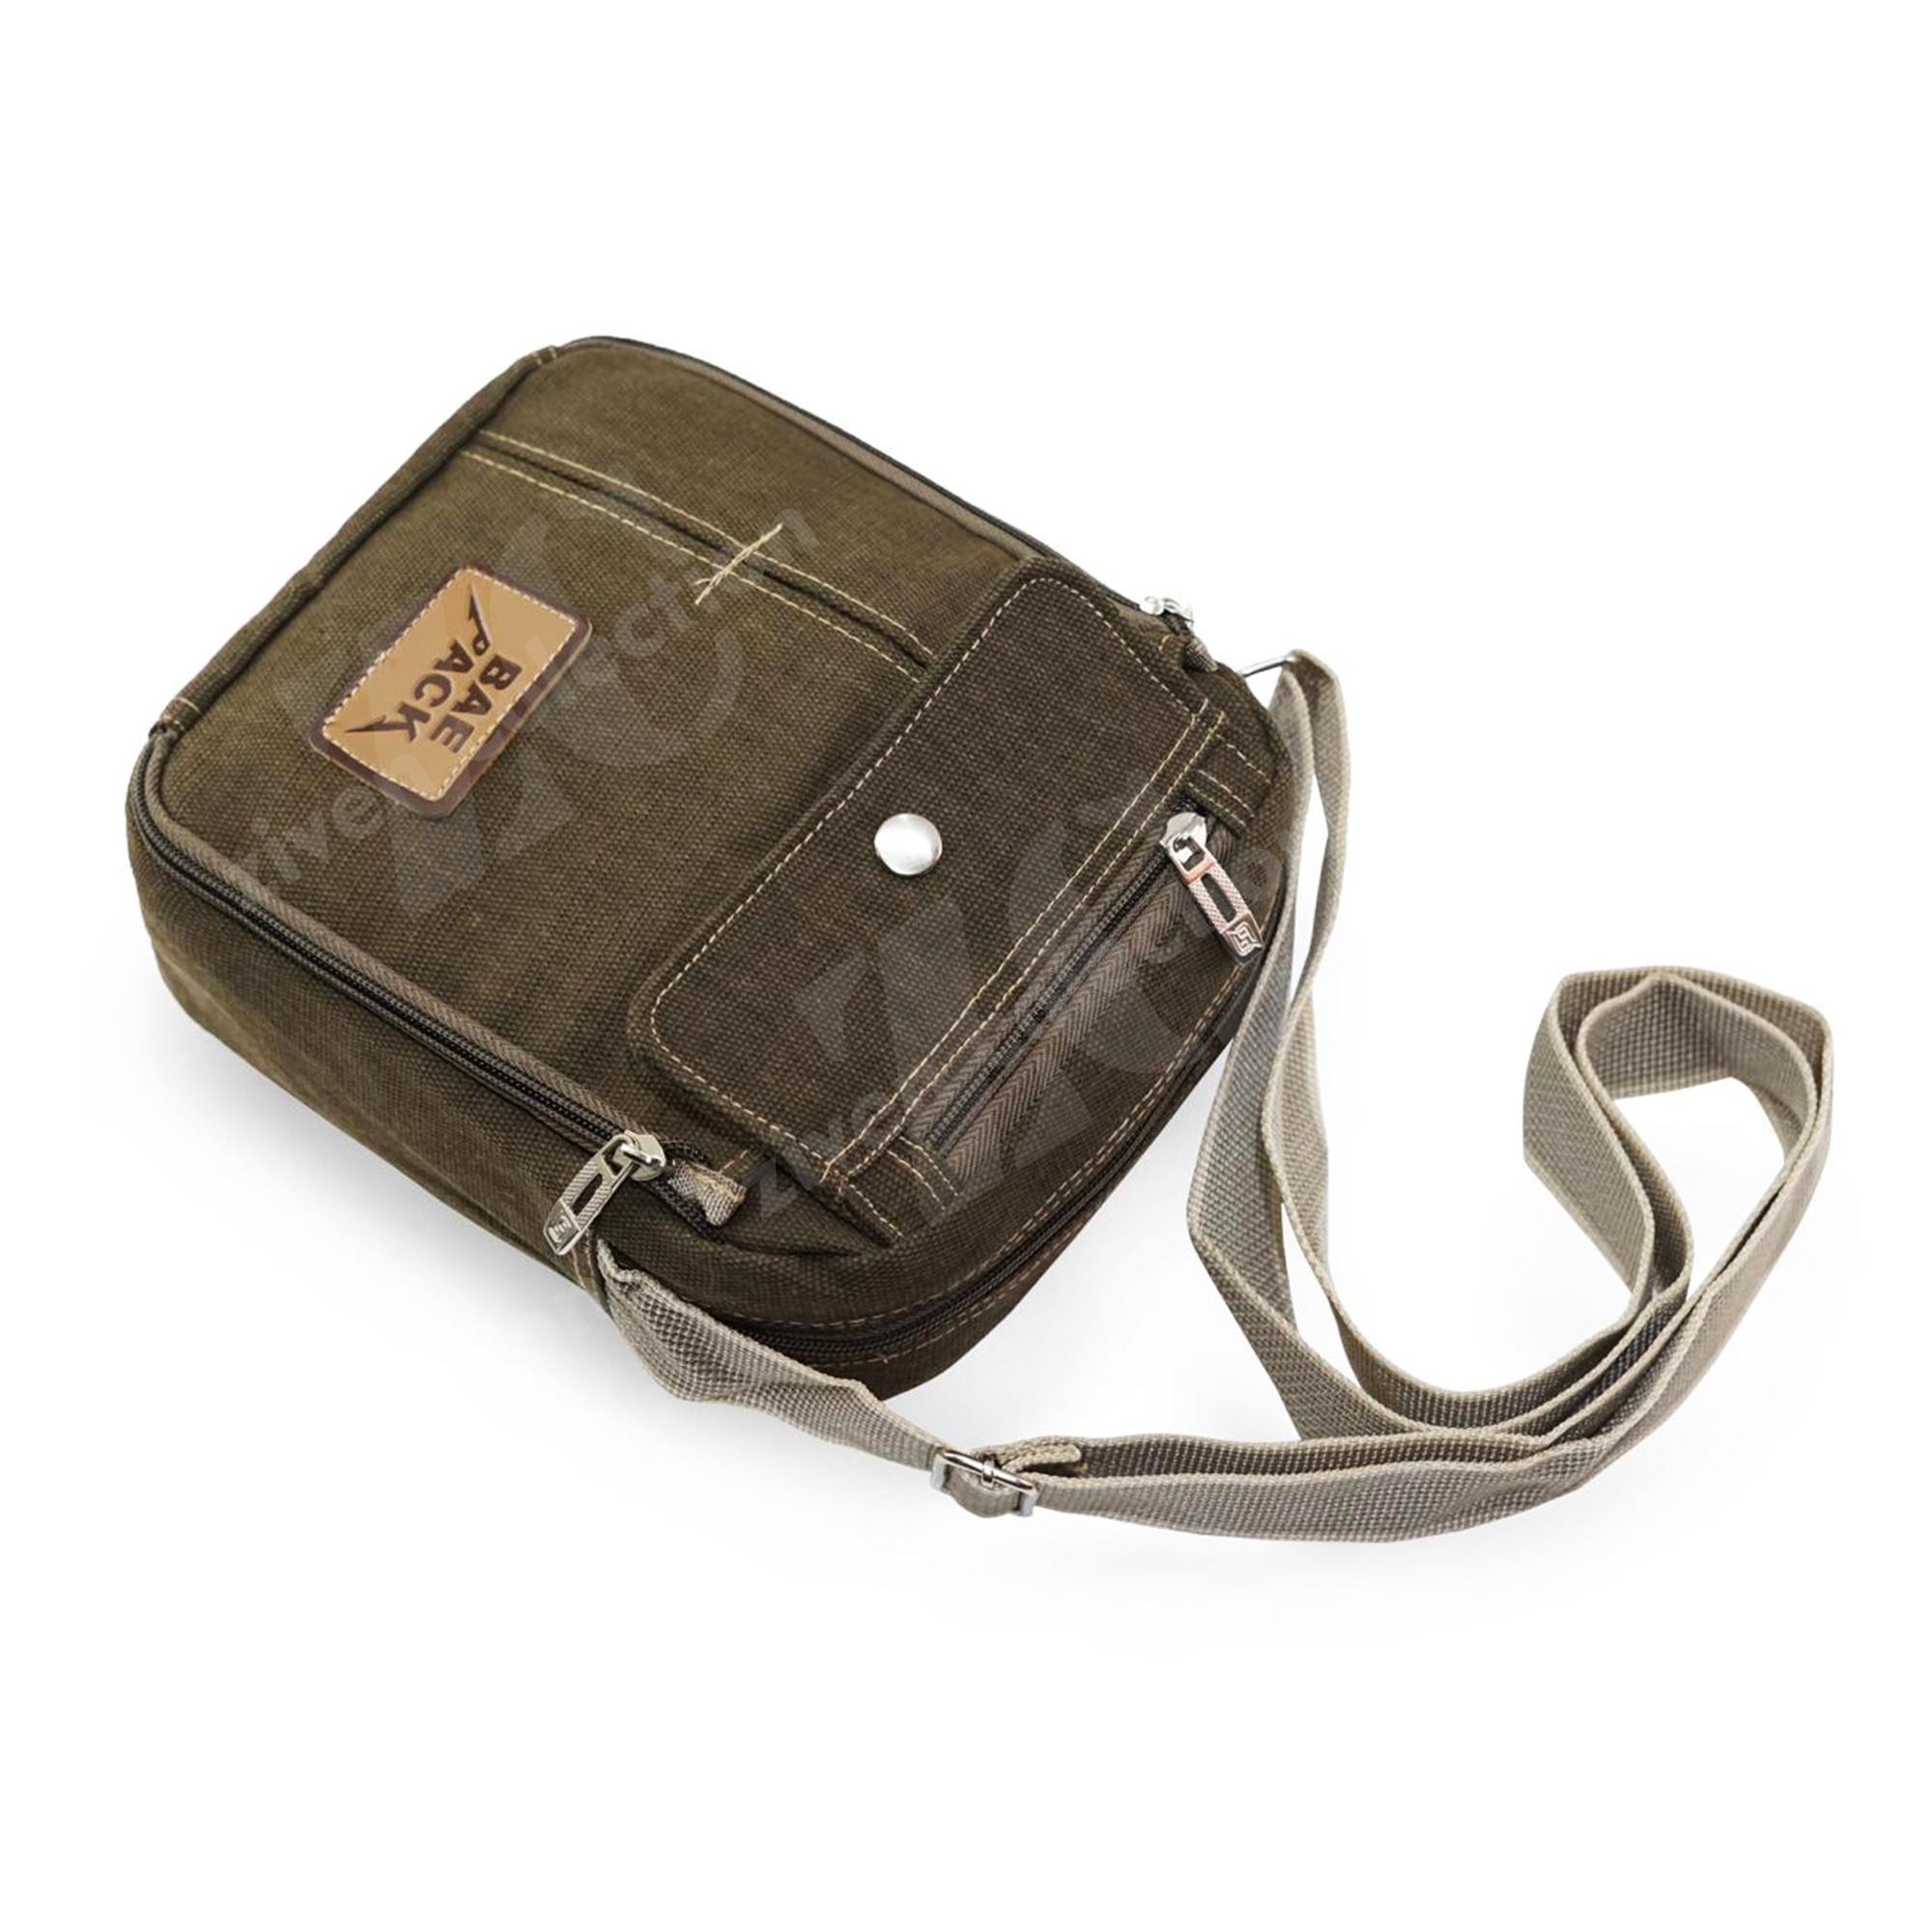 ... Tas Pria Men Baepack 1508 Vintage Canvas Multifunction Travel Satchel Messenger Shoulder Bag - 4